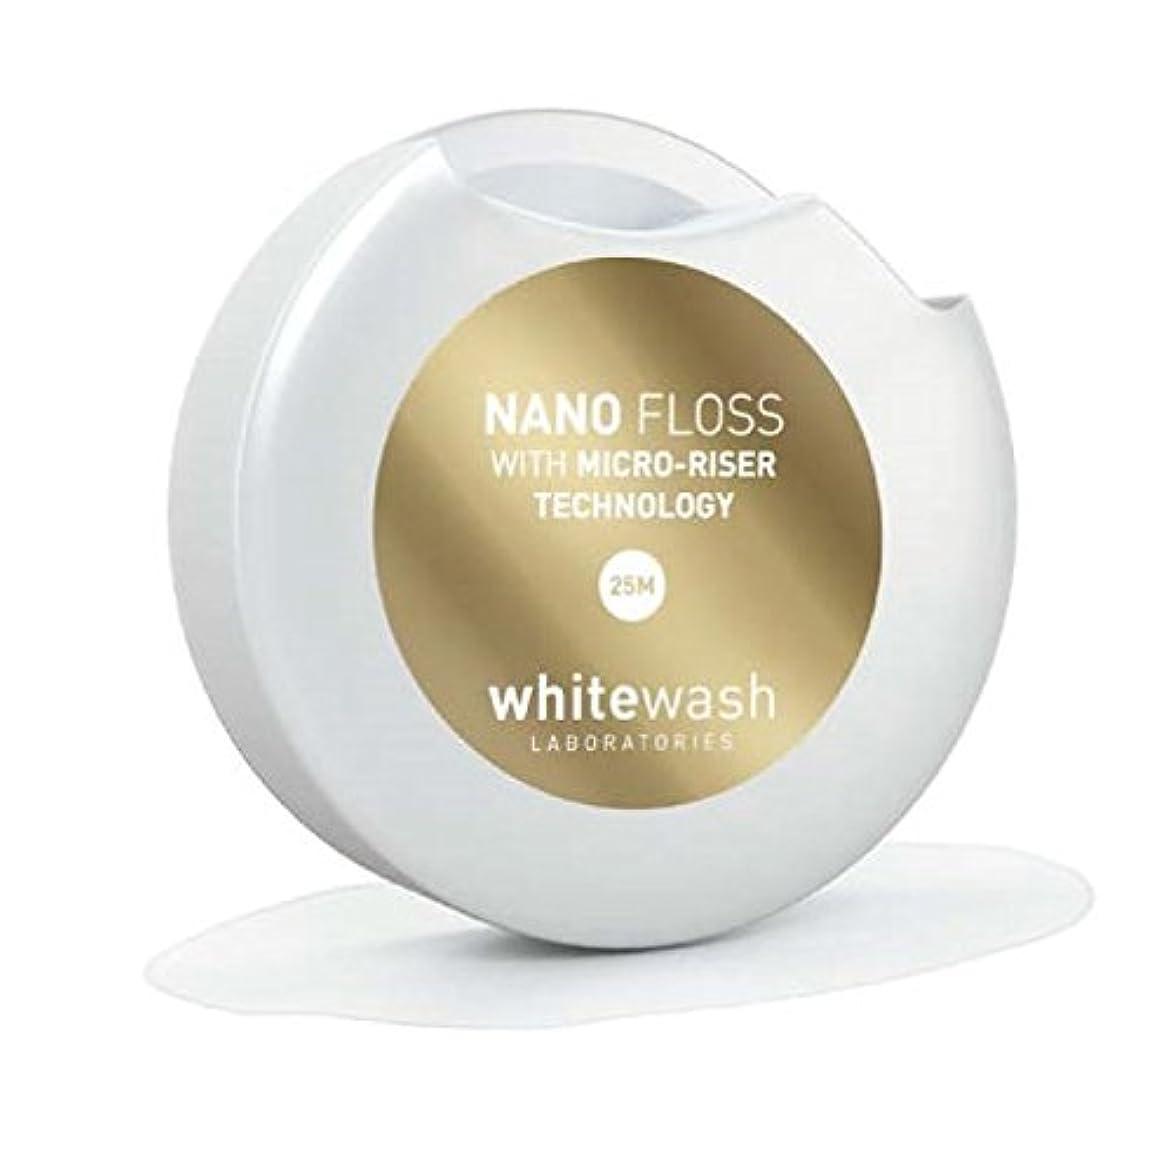 準備するすみません同じホワイトウォッシュ ラボラトリーズ   高級 高品質 デンタル フロス   ナノ フロス マイクロライザー テクノロジー   25メートル